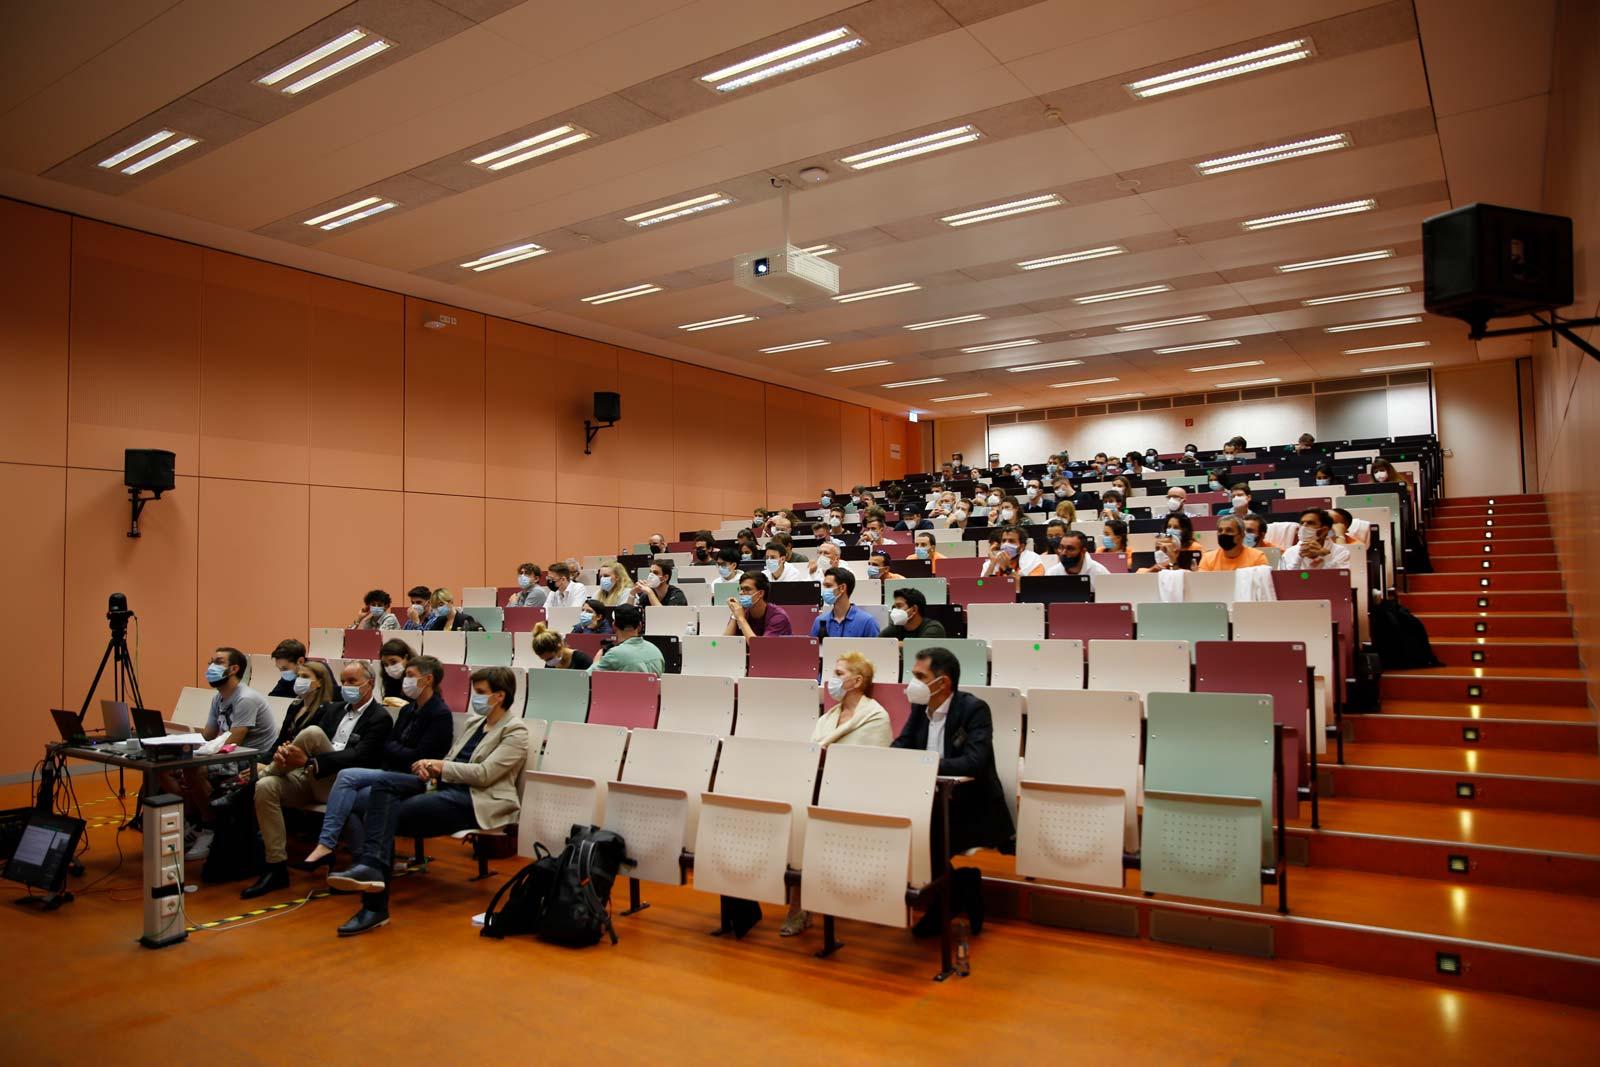 sde21-22-workshop-wuppertal-seminar-room